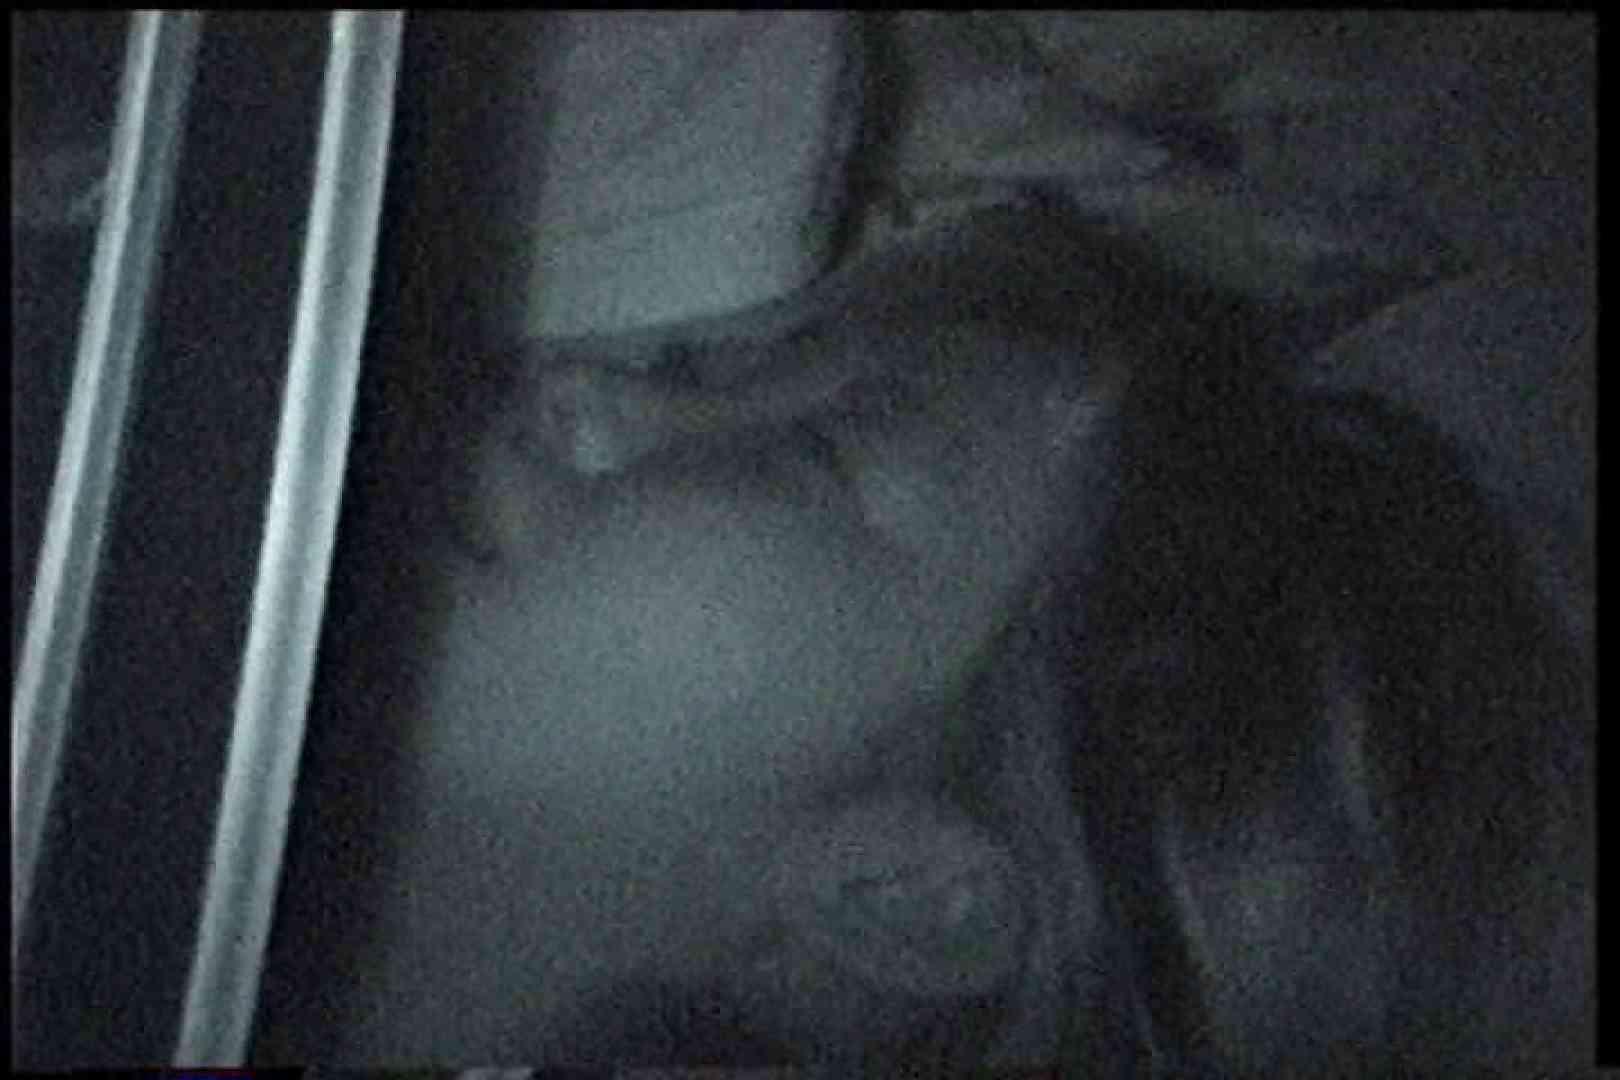 充血監督の深夜の運動会Vol.239 エロティックなOL 濡れ場動画紹介 67画像 23